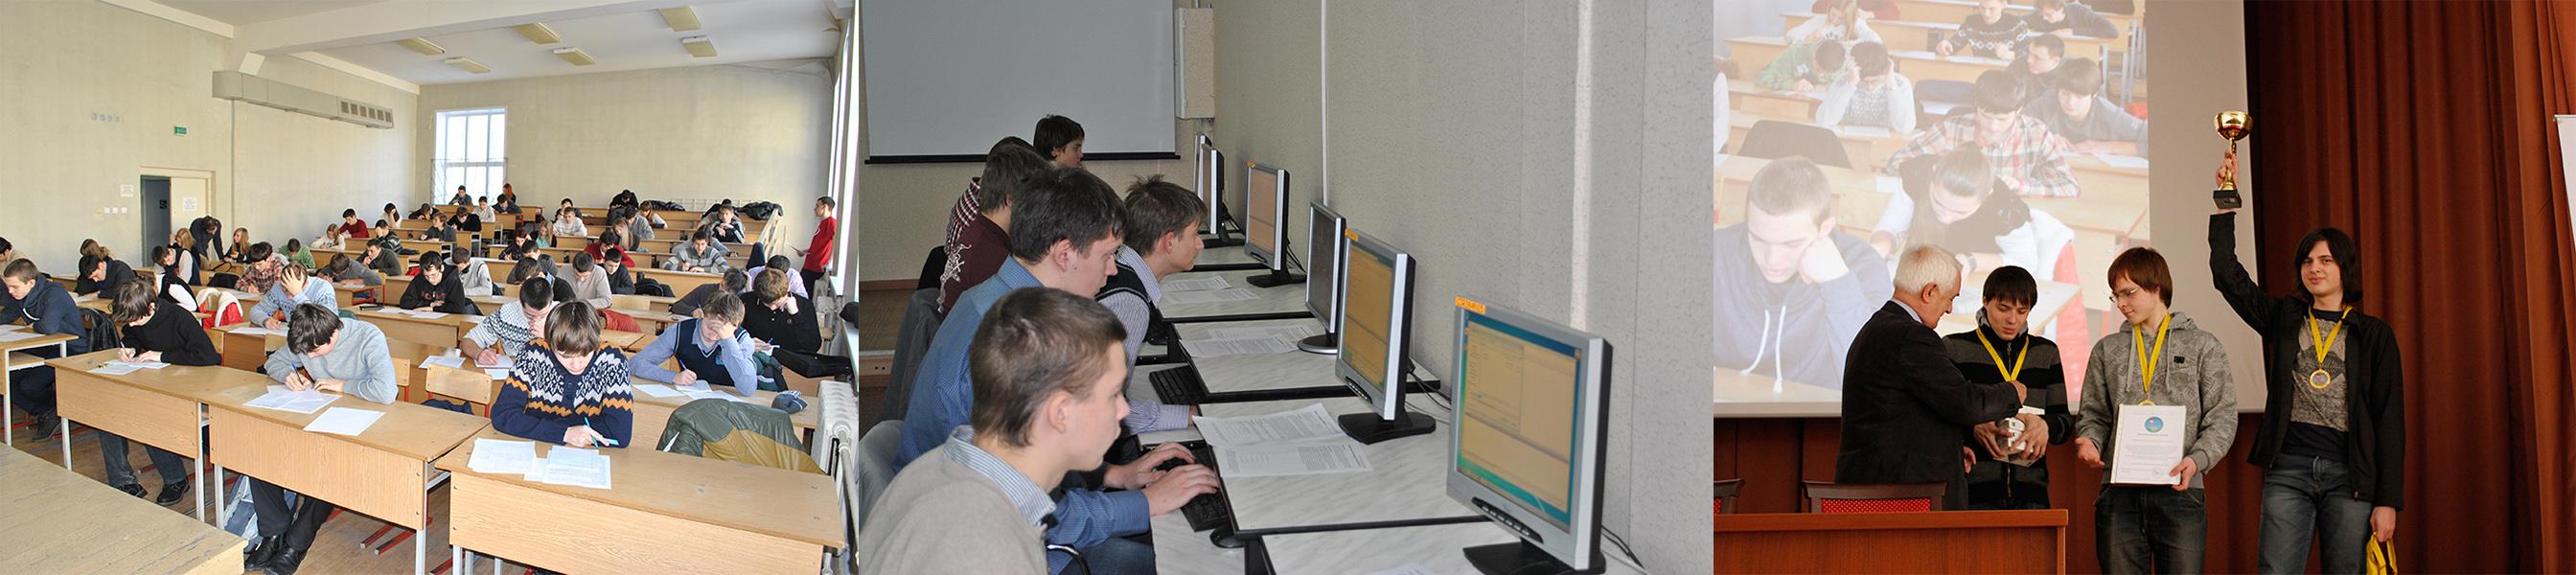 ФКН приглашает школьников на Олимпиаду Смарт Старт и Марафон информационных технологий 2016-2017